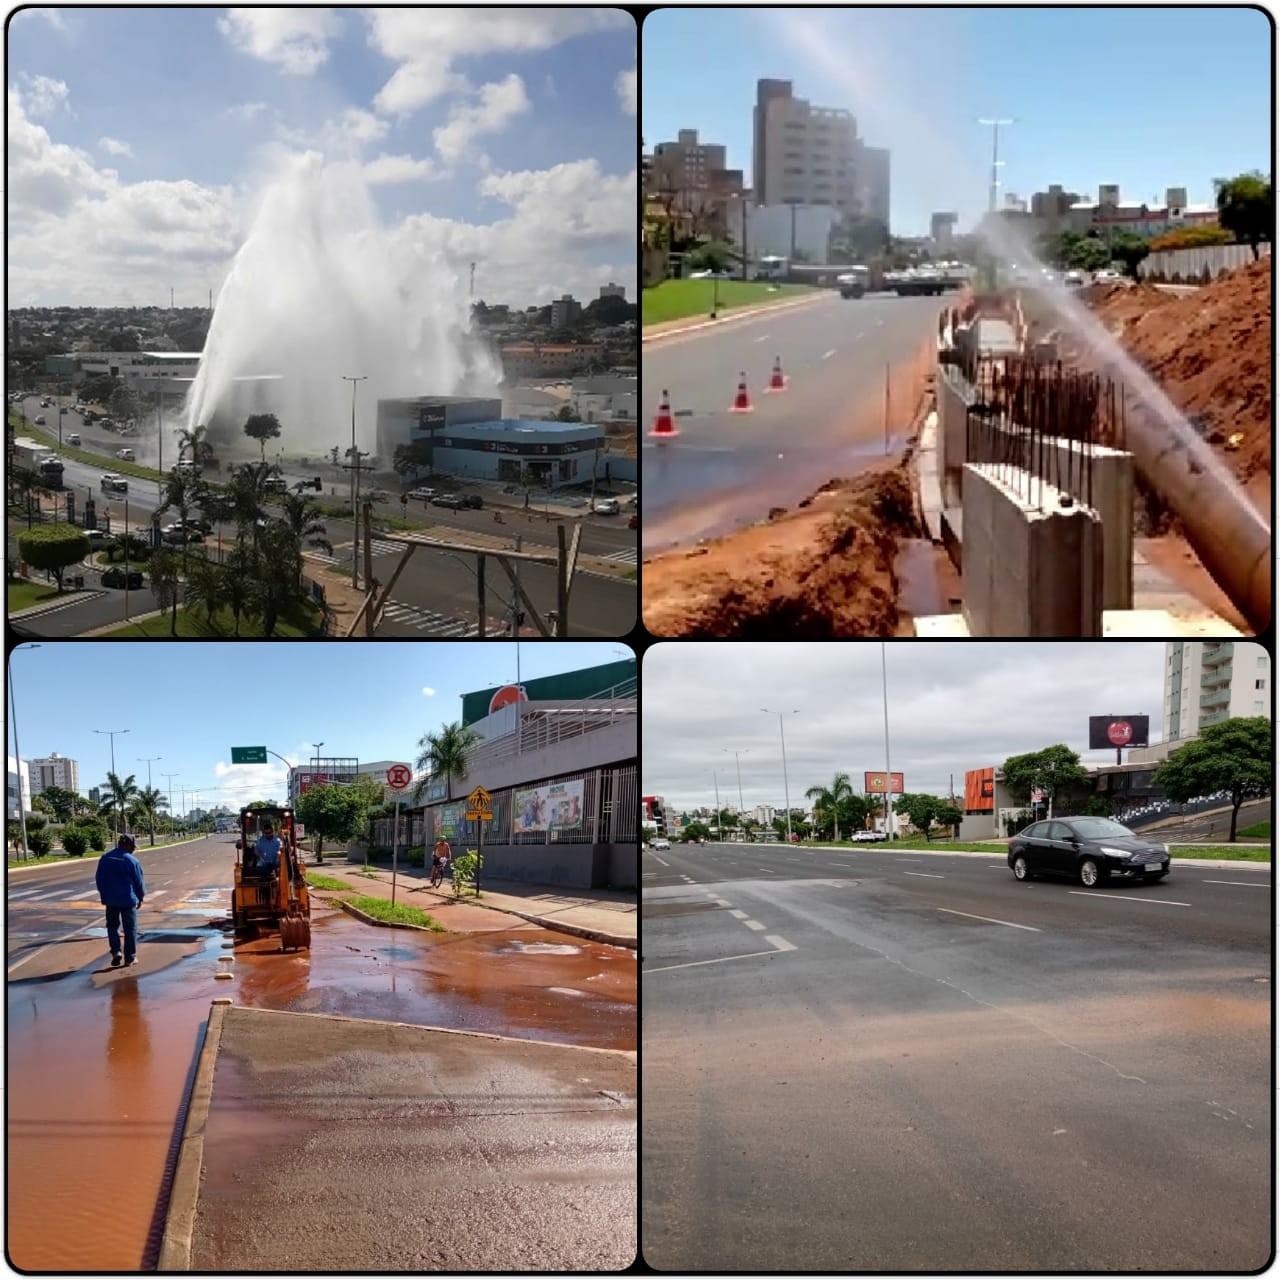 MPE investiga vazamentos de água em Uberlândia para avaliar se é necessário recalcular vazão na cidade